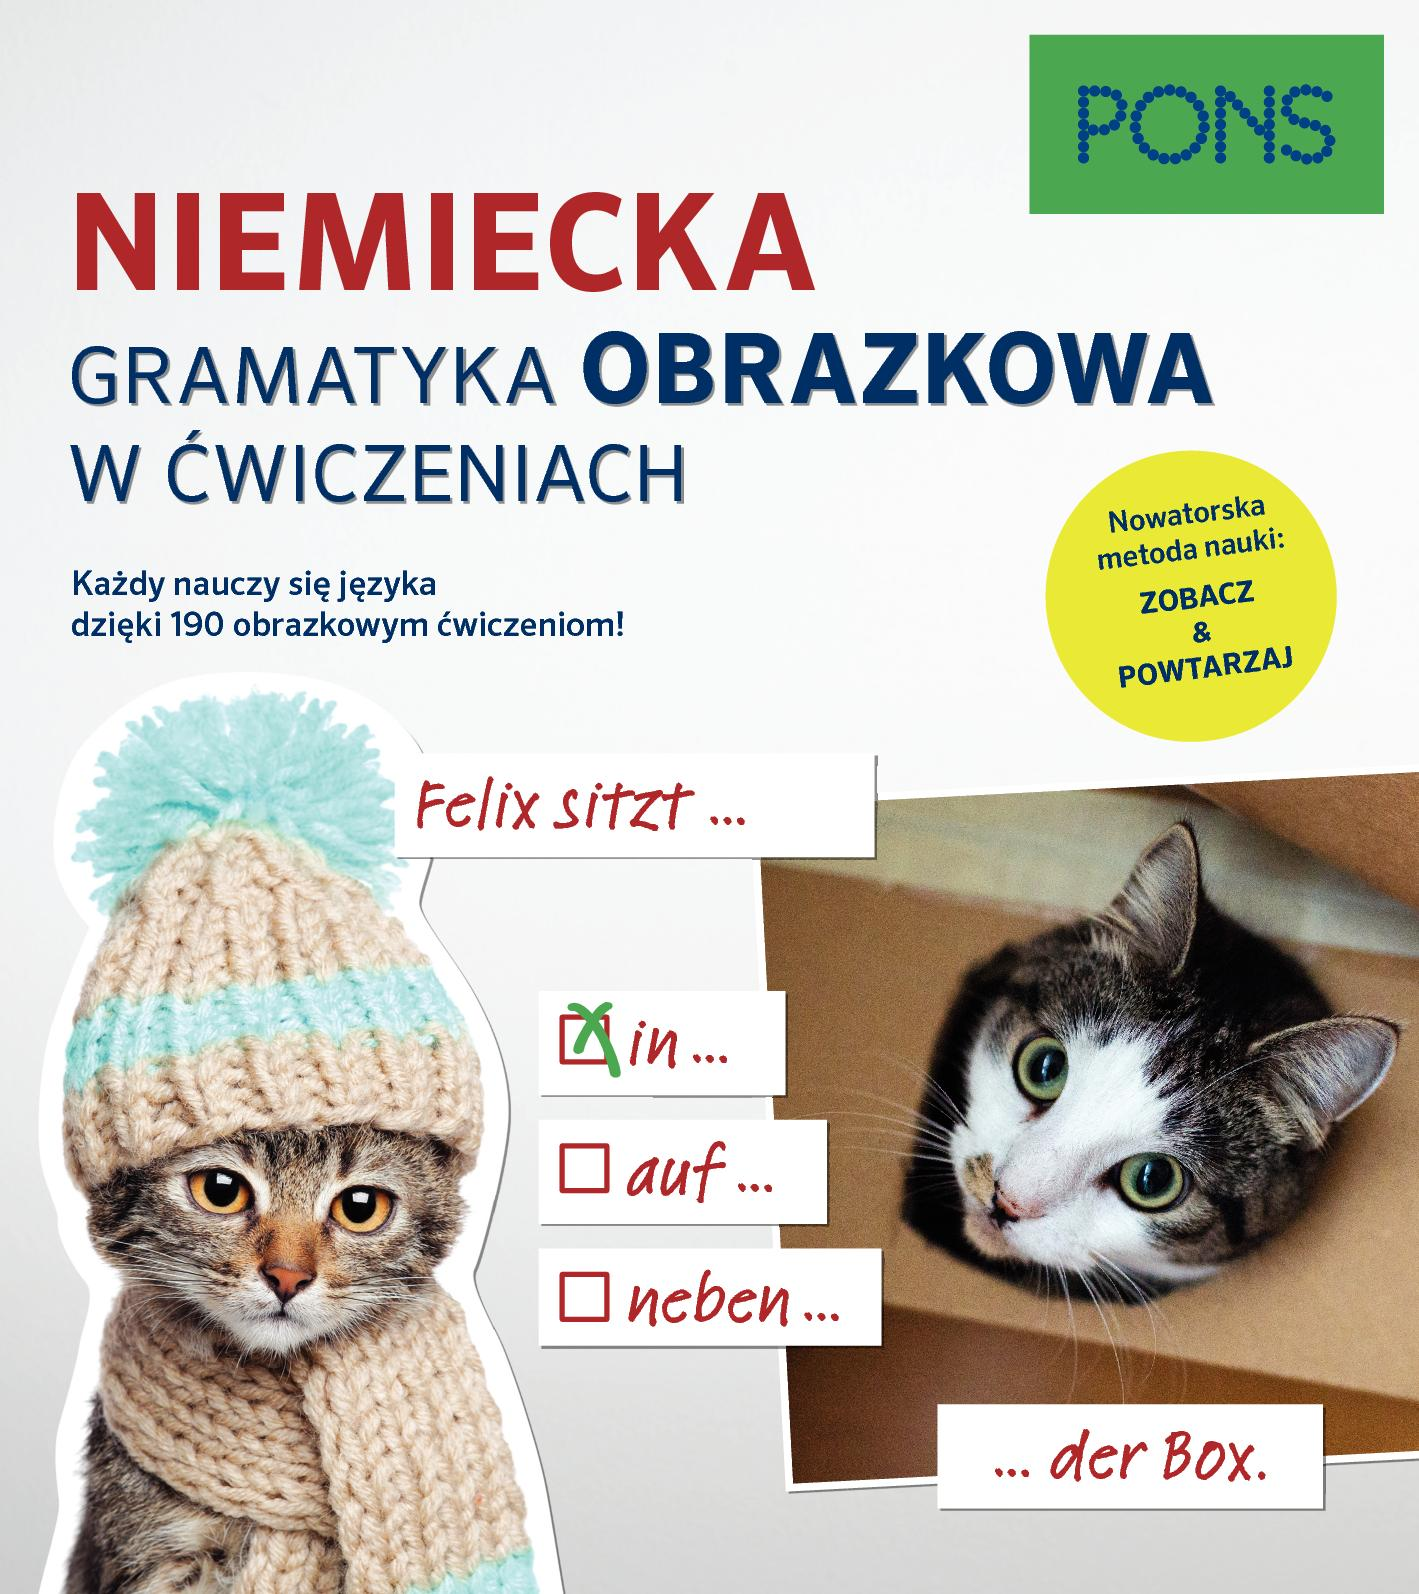 Gramatyka obrazkowa z ćwiczeniami niemiecka PONS